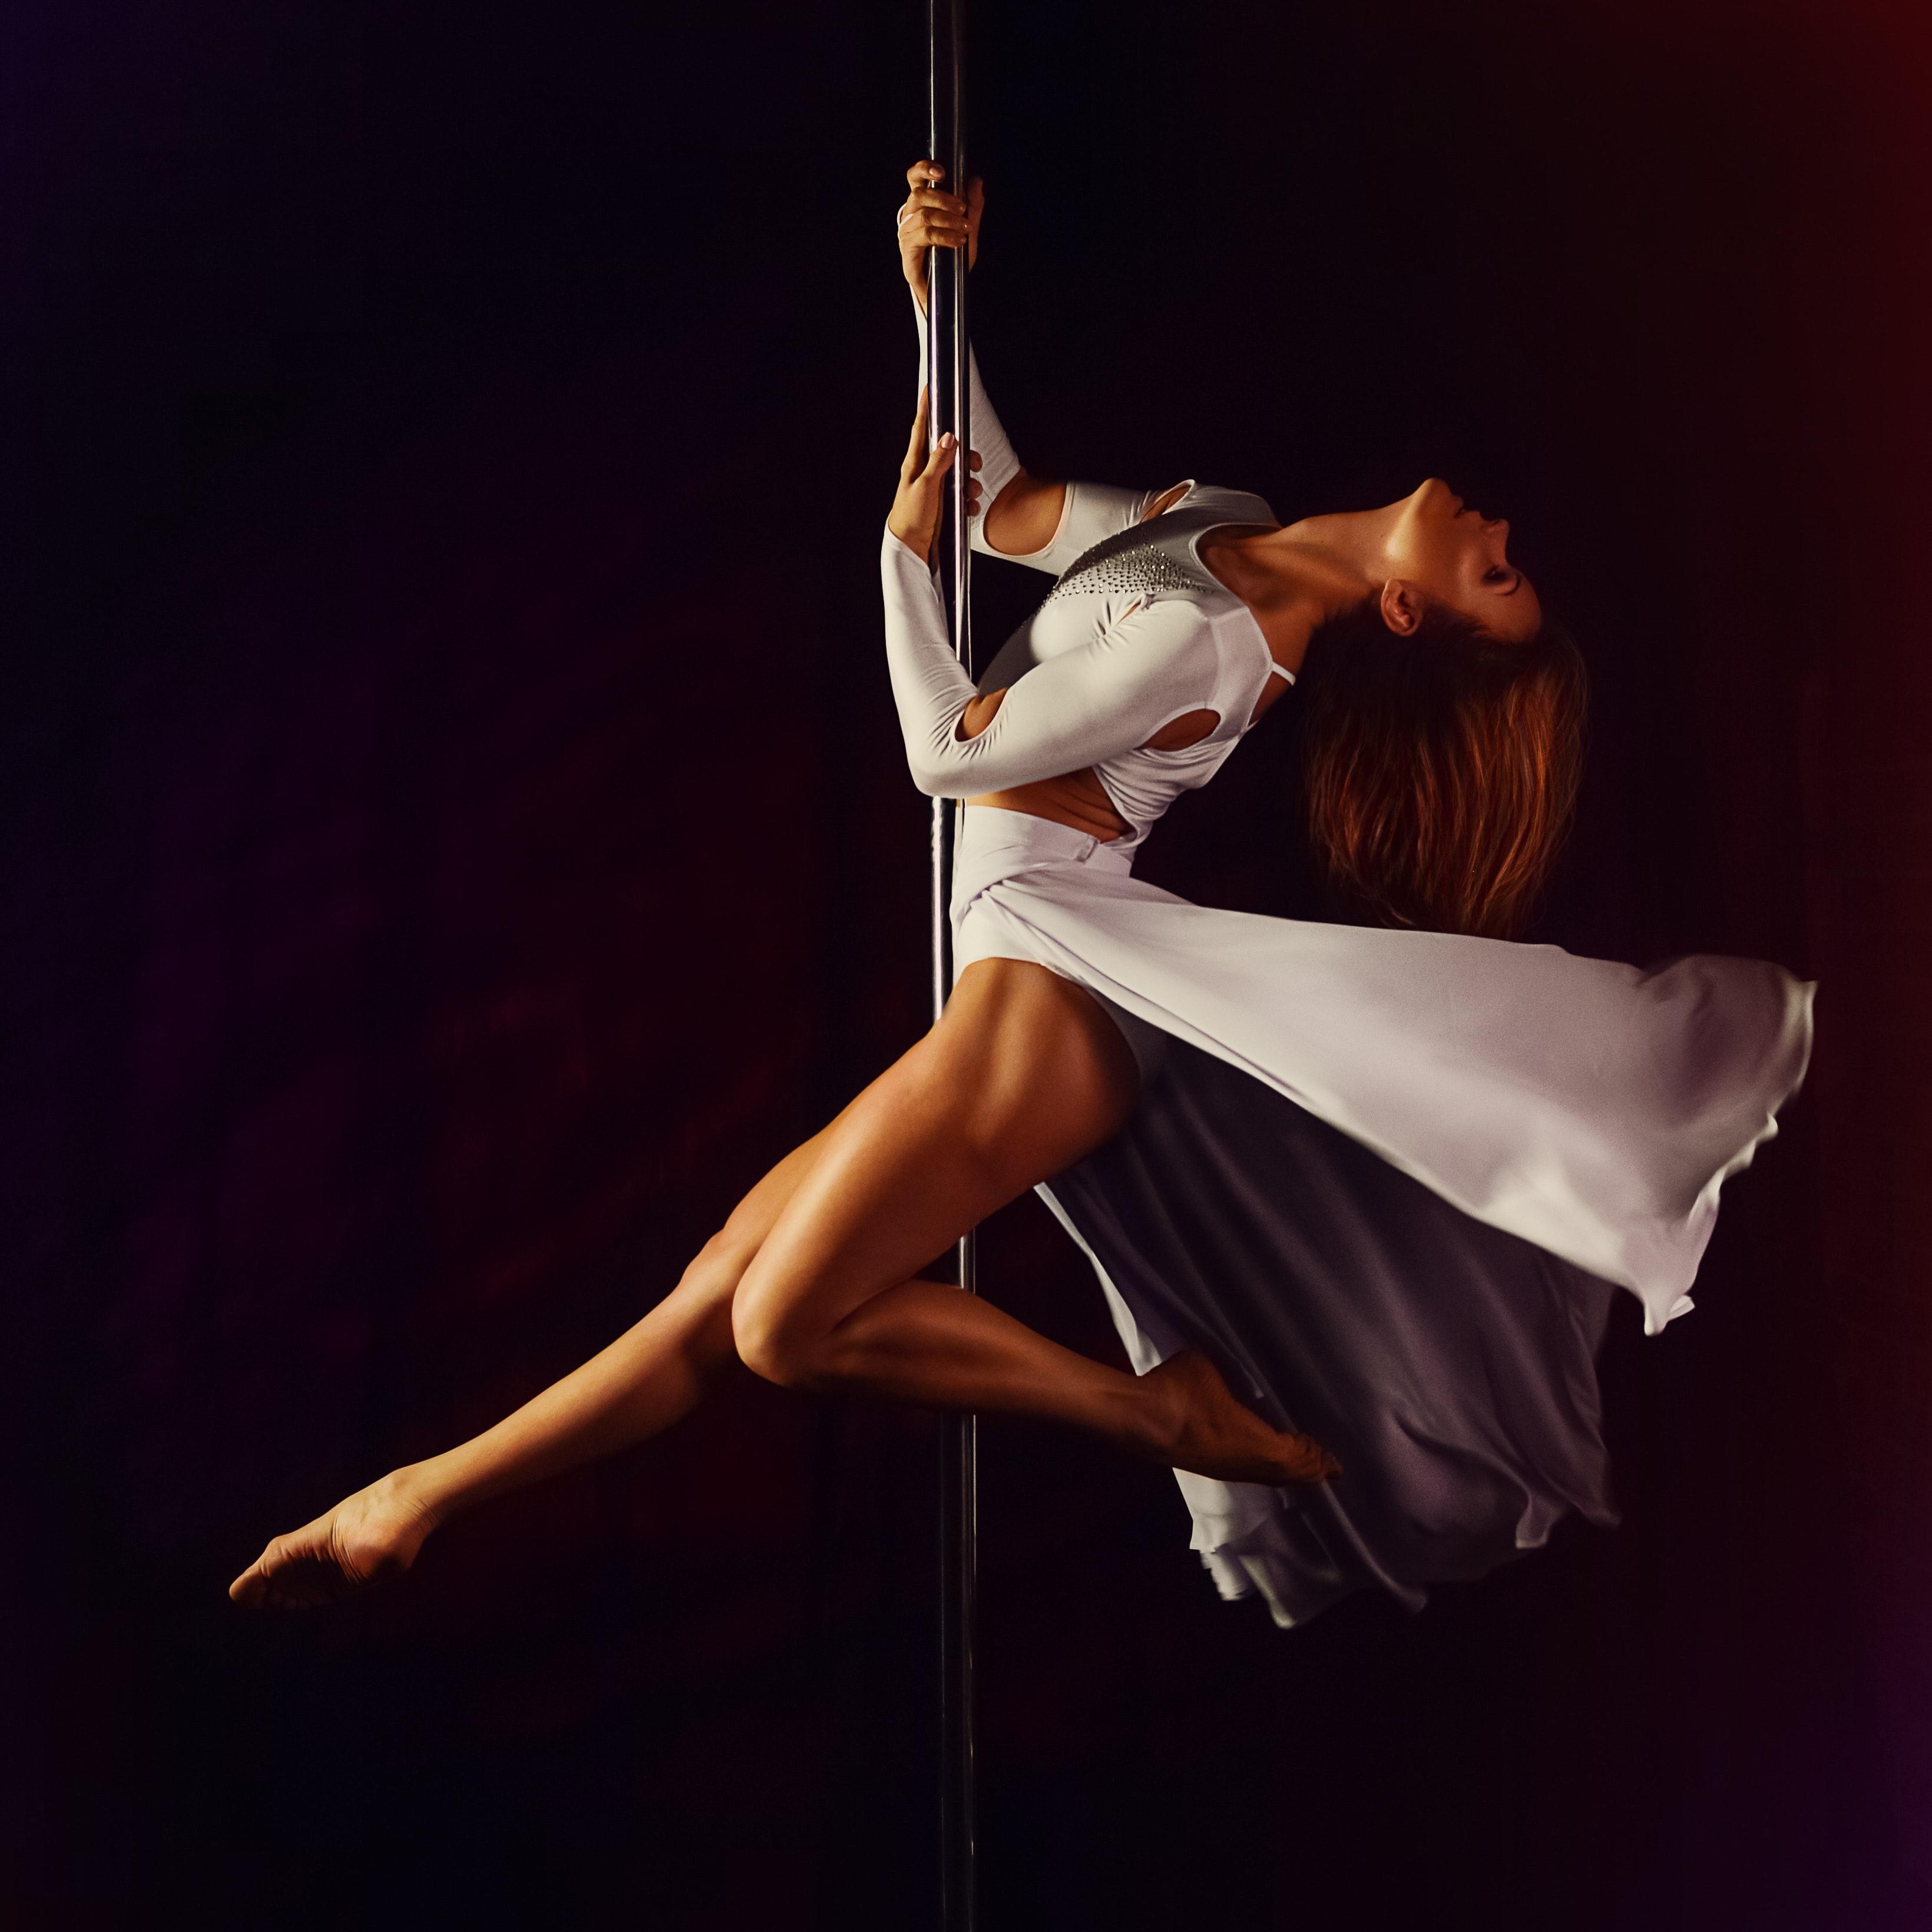 Acrobatics erotic hq picture